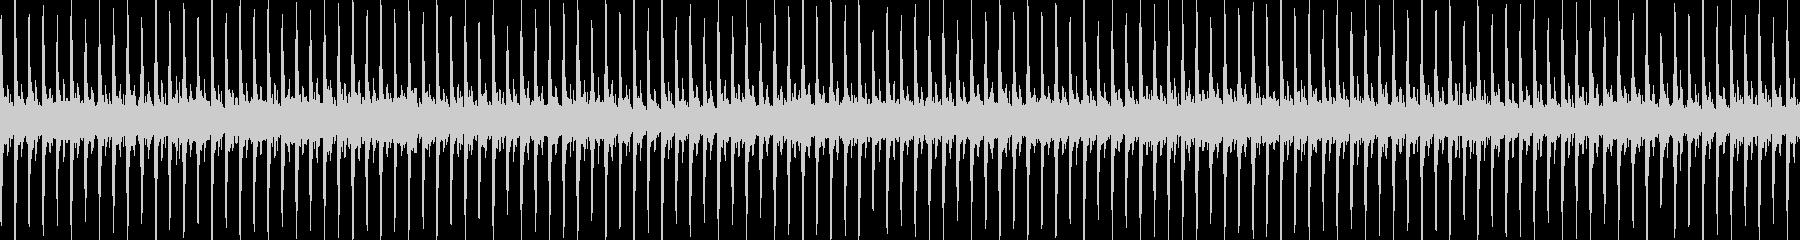 ピアノが印象的な軽快でさわやかな音楽の未再生の波形